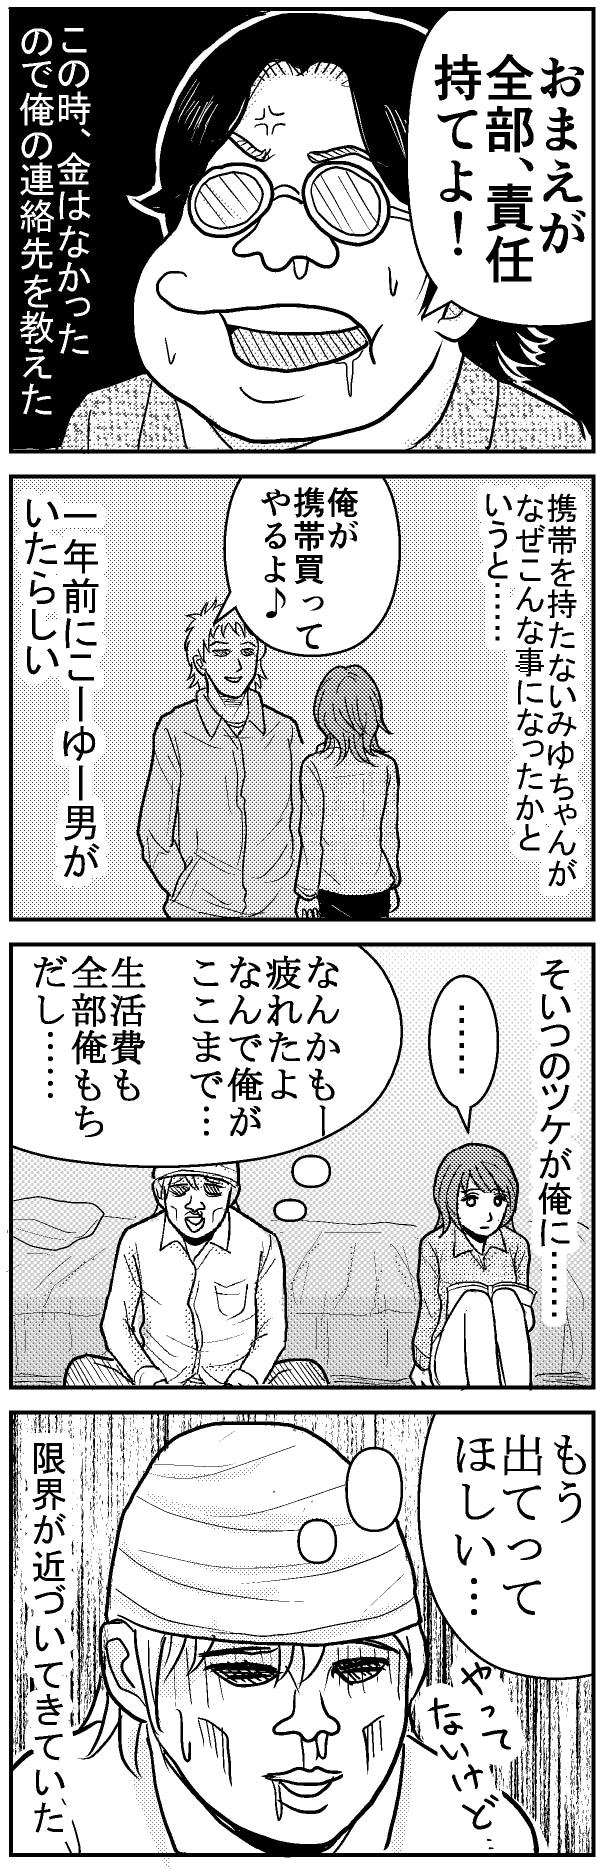 メンタルの限界・・・【漫画~キヒロの青春】㊶